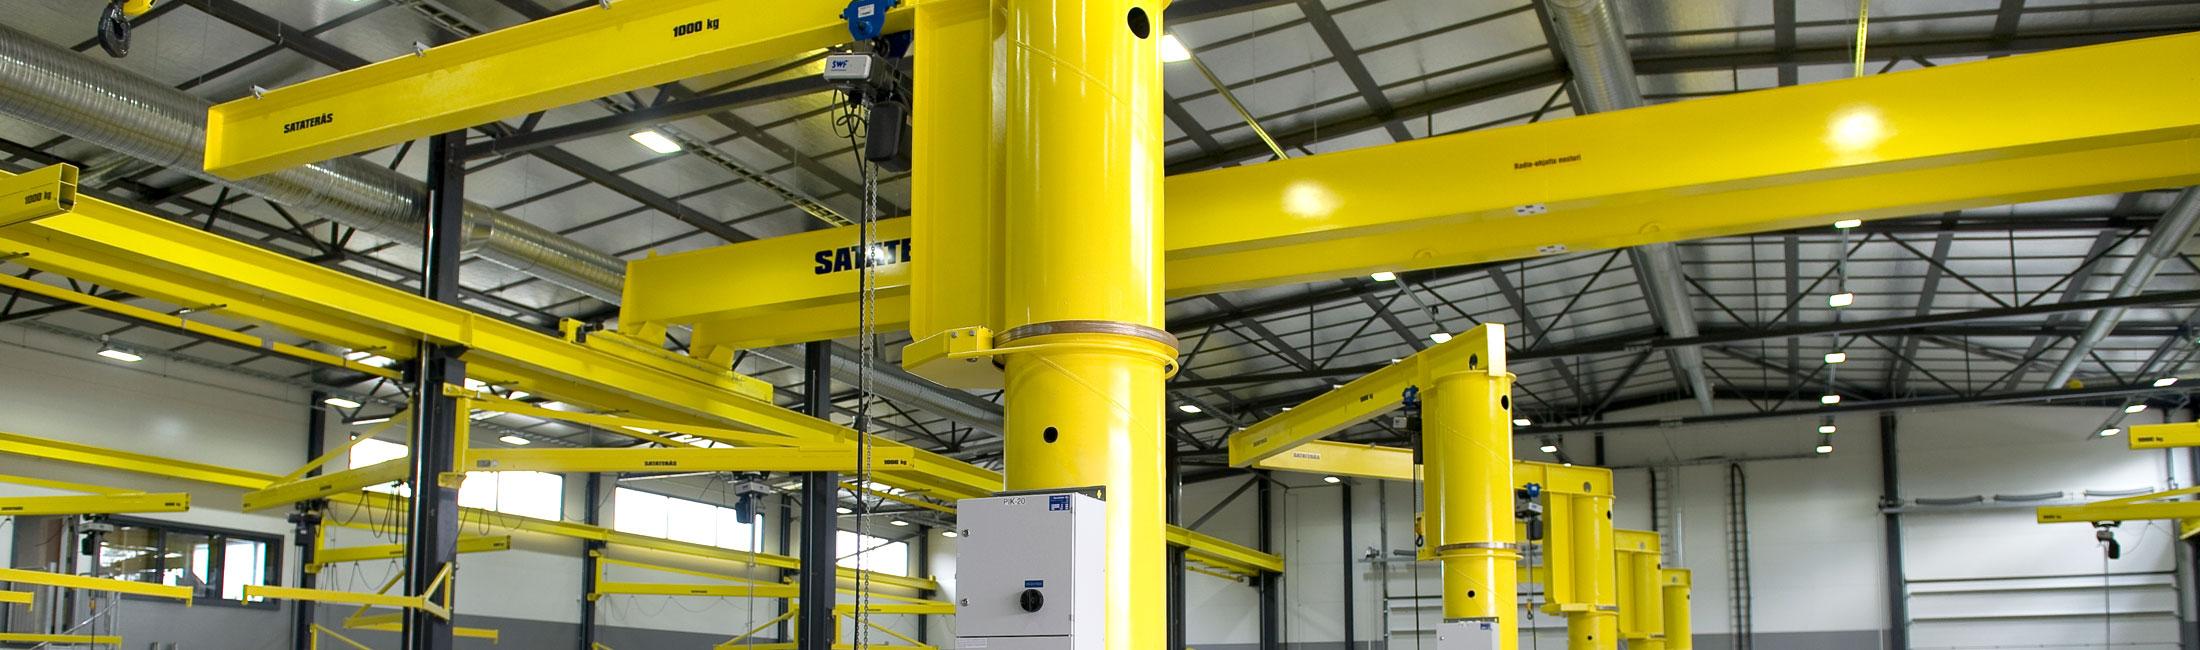 teollisuus-metalliteollisuus-teollisuuden-kaantopuominosturit-satateras-1